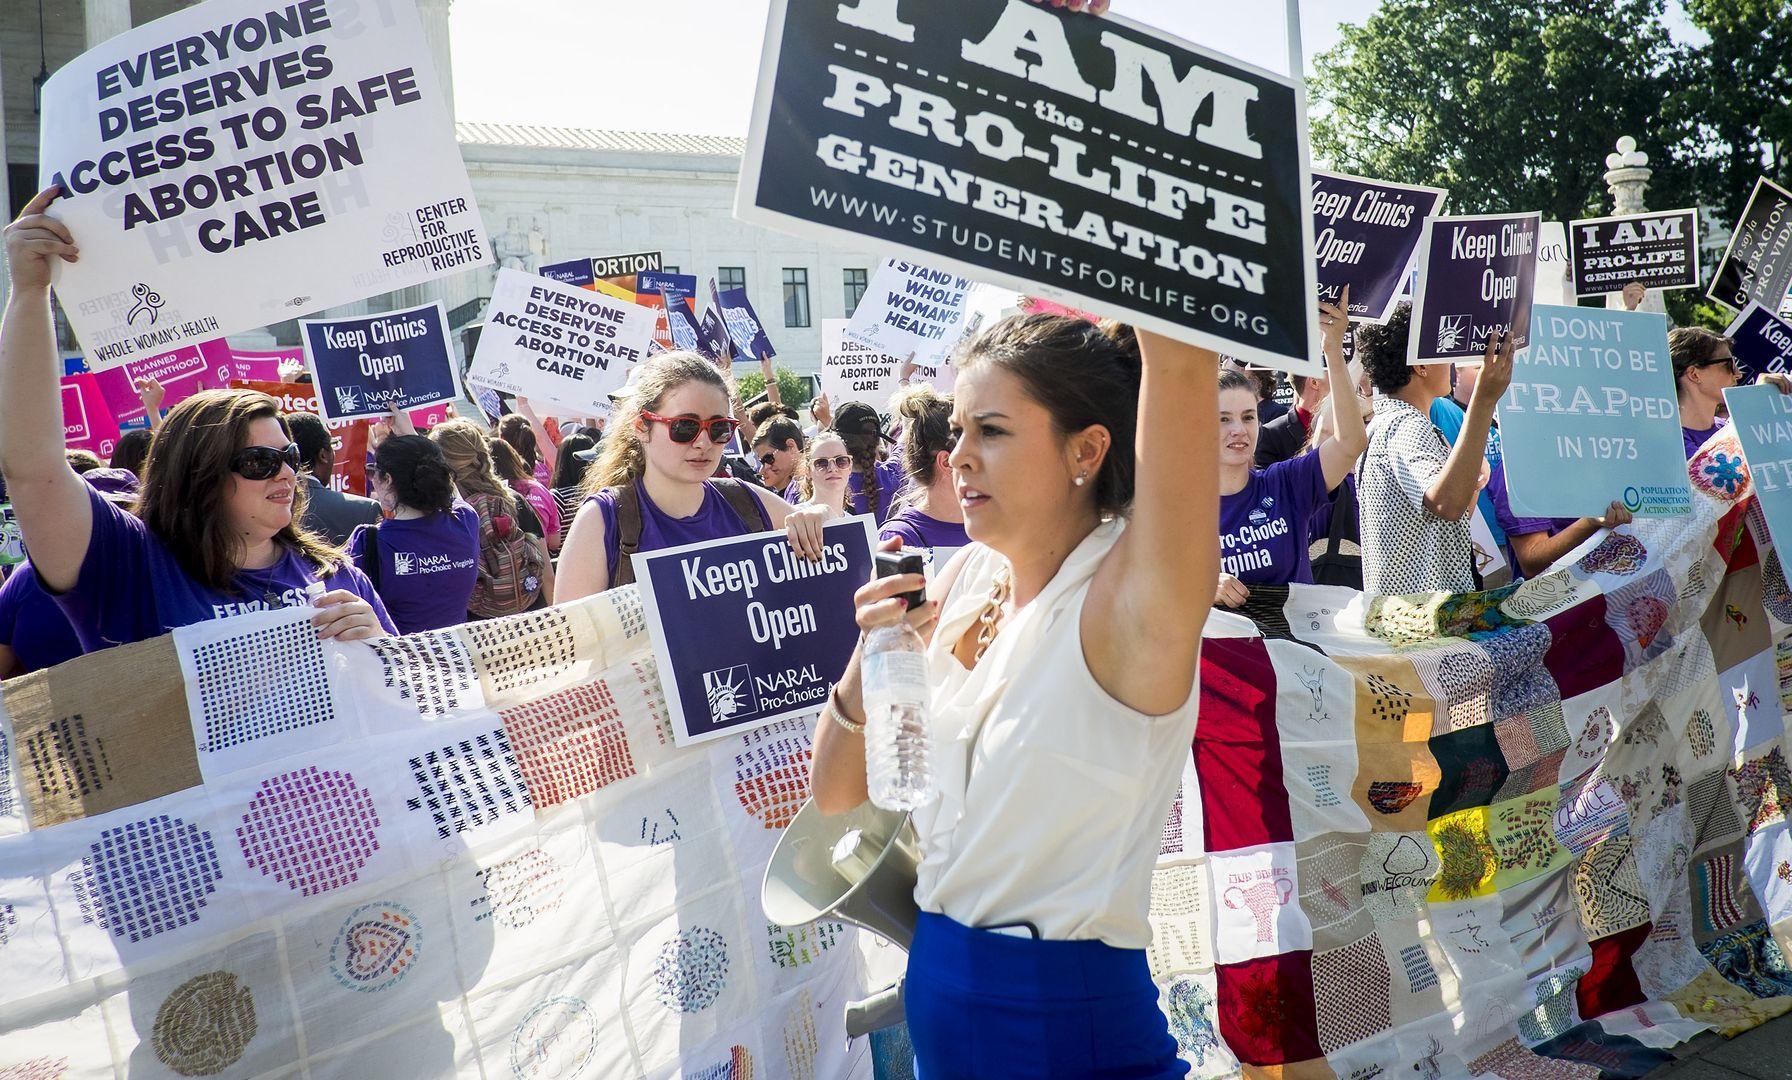 27.06.2021 r.: demonstracje pro-choice i pro-life na schodach amerykańskiego Sądu Najwyższego. 1 września w Teksasie weszło w życie prawo praktycznie zakazujące całkowicie aborcji